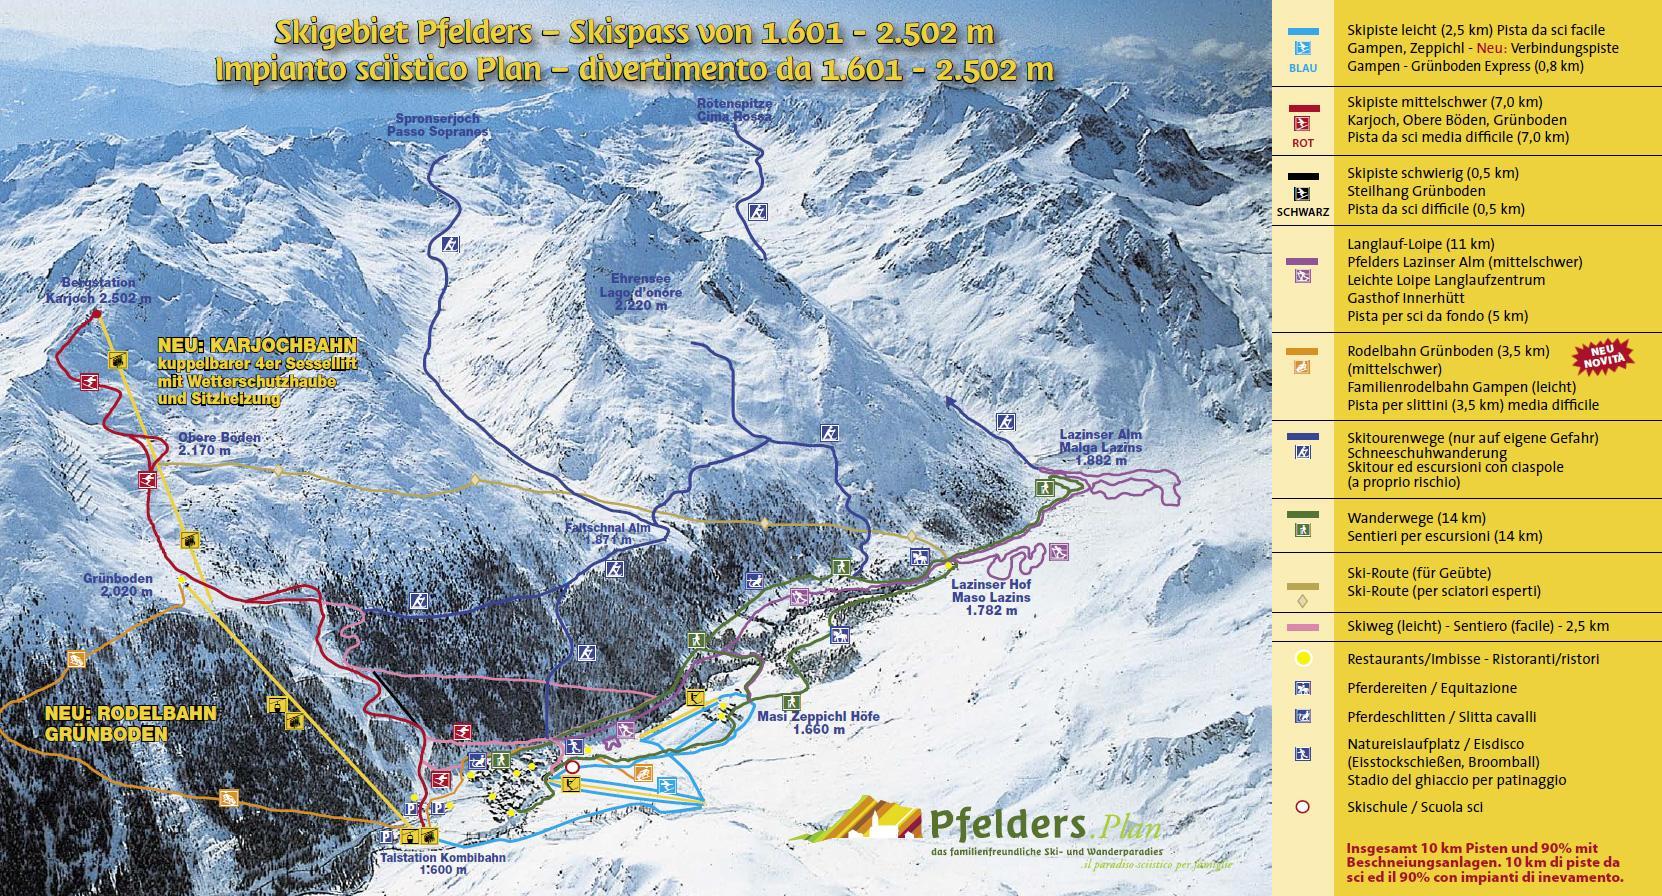 11-pfelders-pistenplan